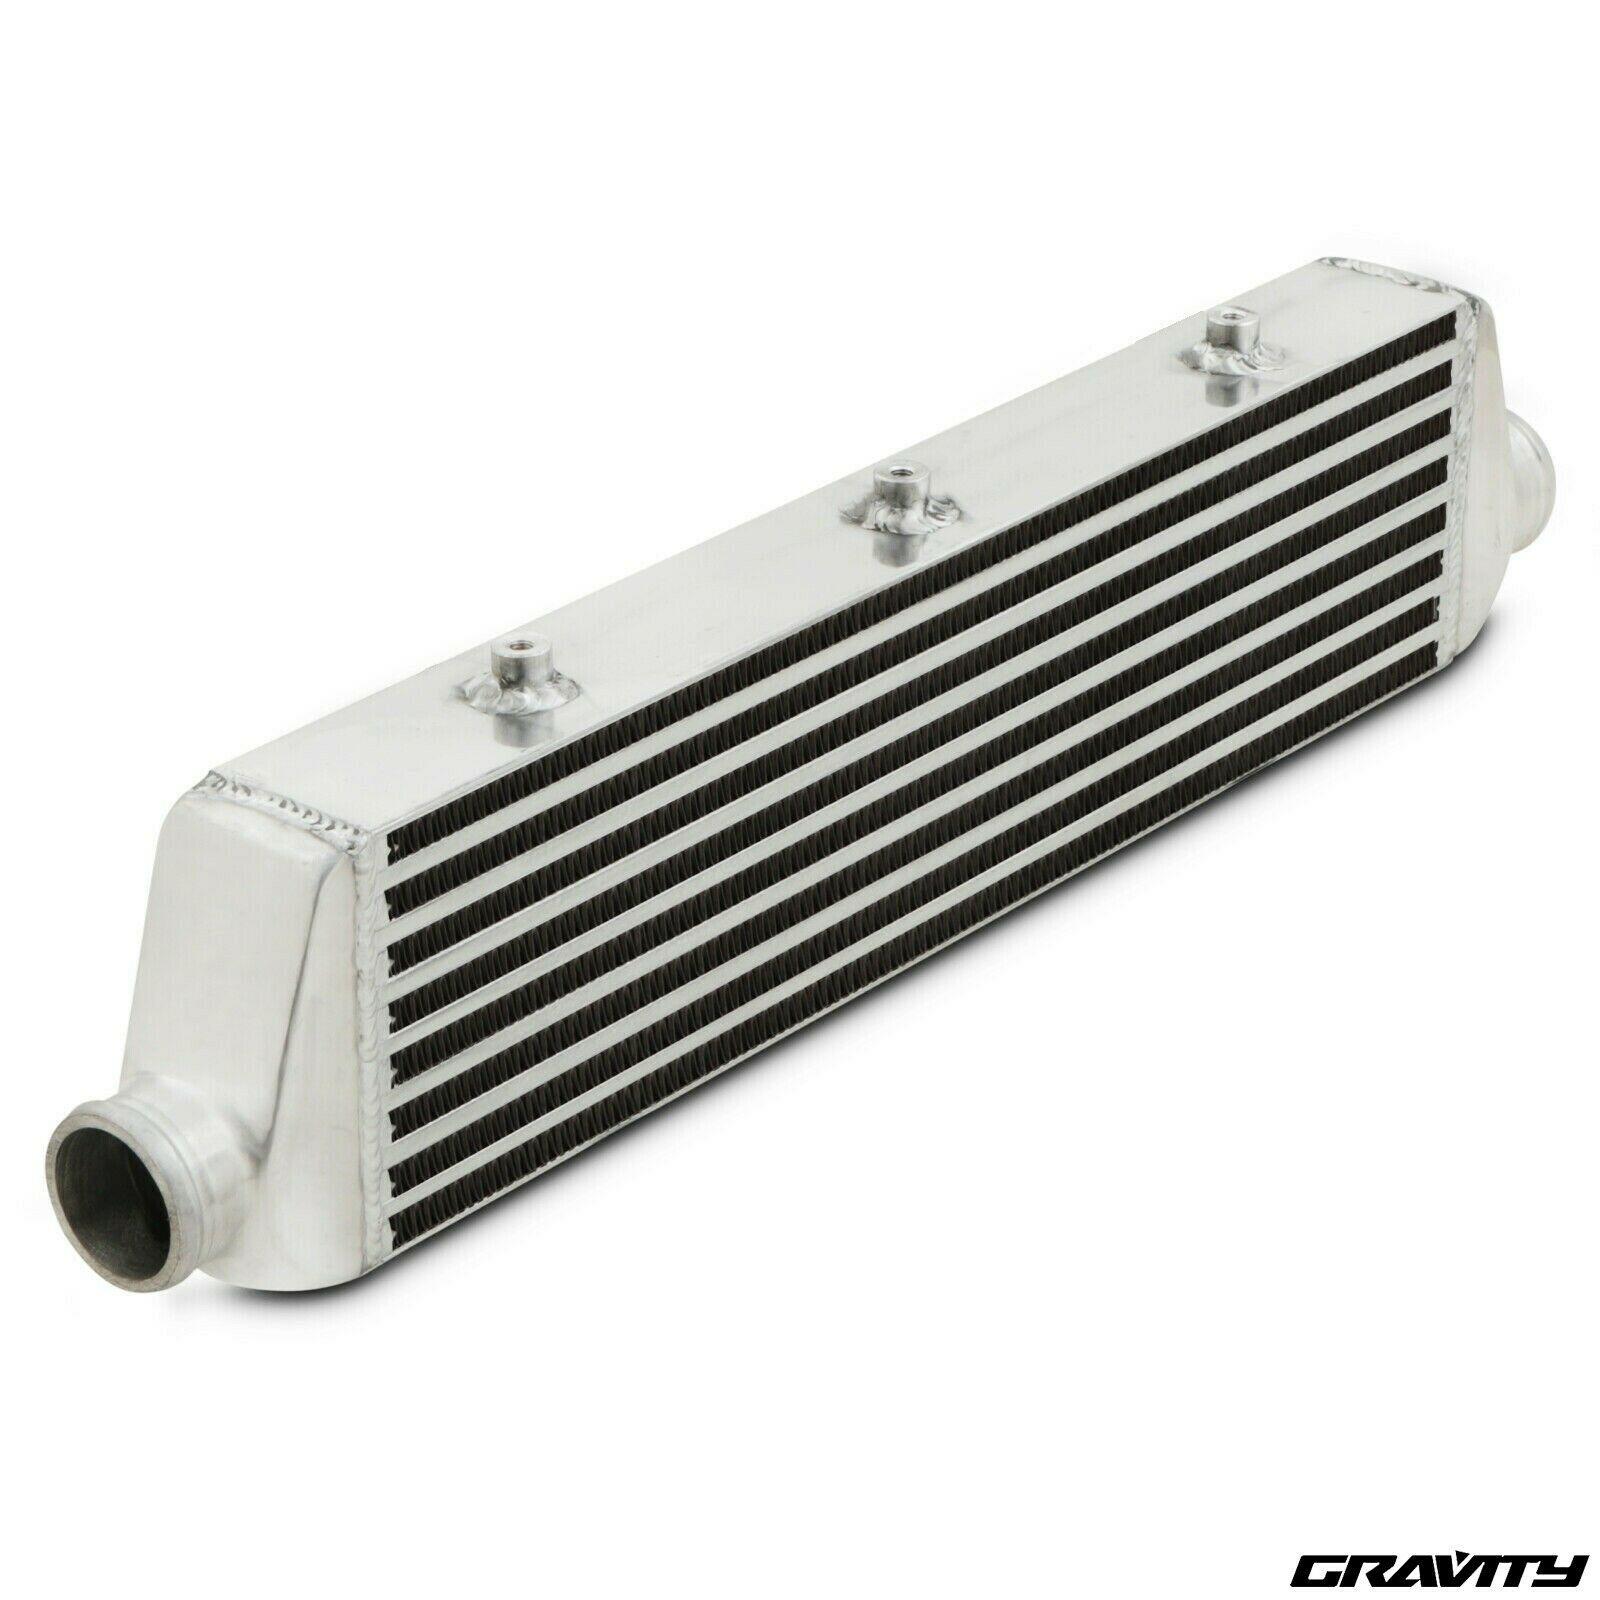 550x140x65mm intercooler (Civic, Swift, Astra, Calibra, VW 1.9 TDi) 57mm csatlakozásokkal TurboWorks